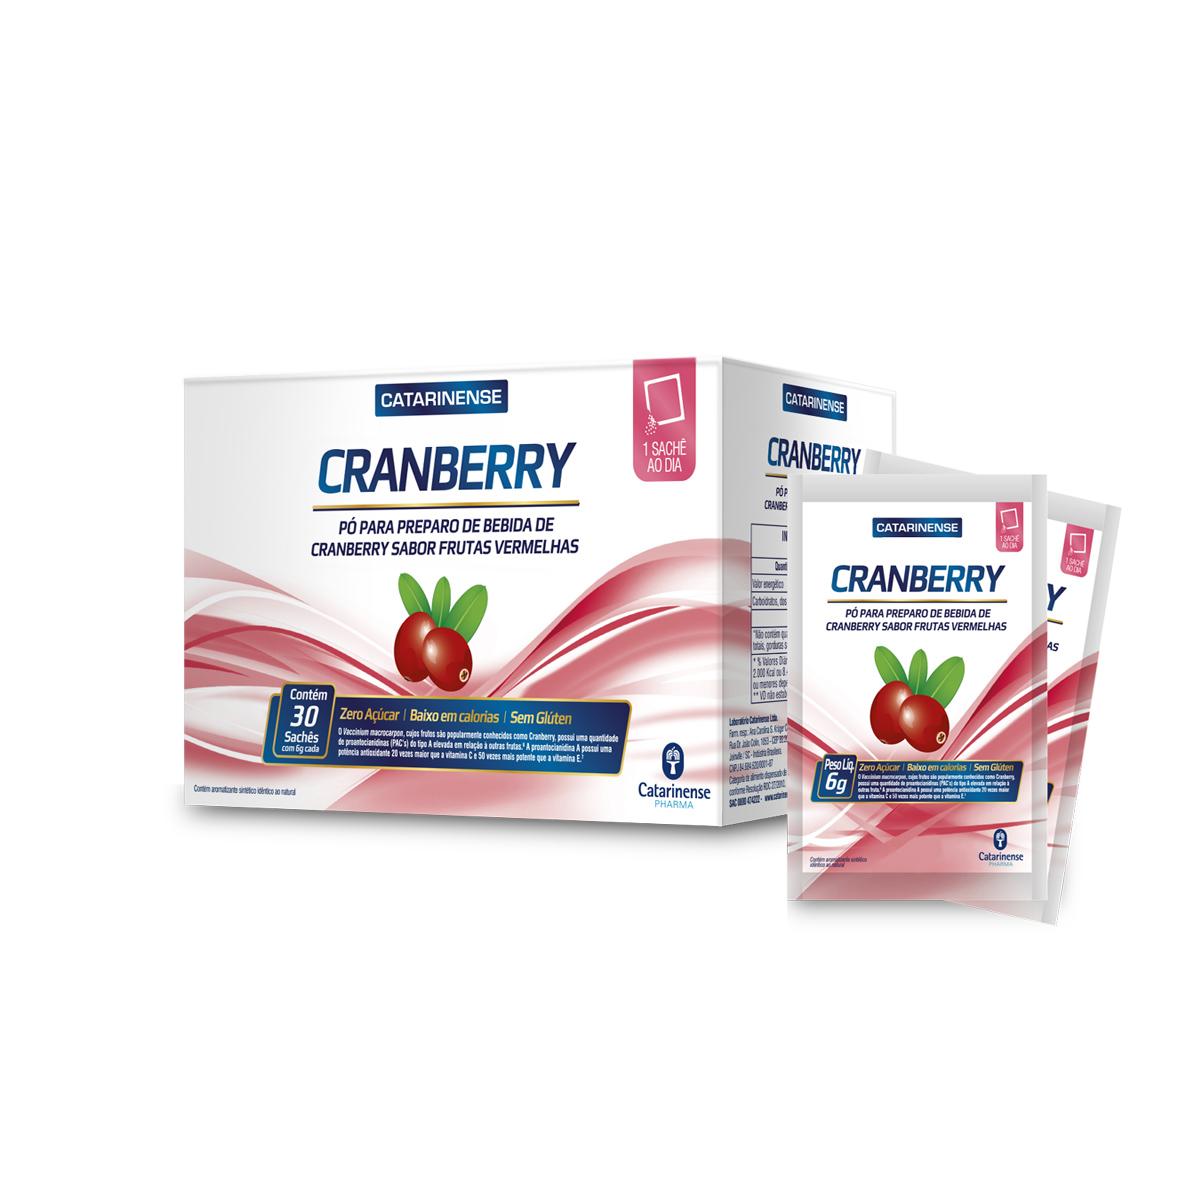 Pó para Preparo de Bebida de Cranberry com 30 Sachês de 6g - Catarinense